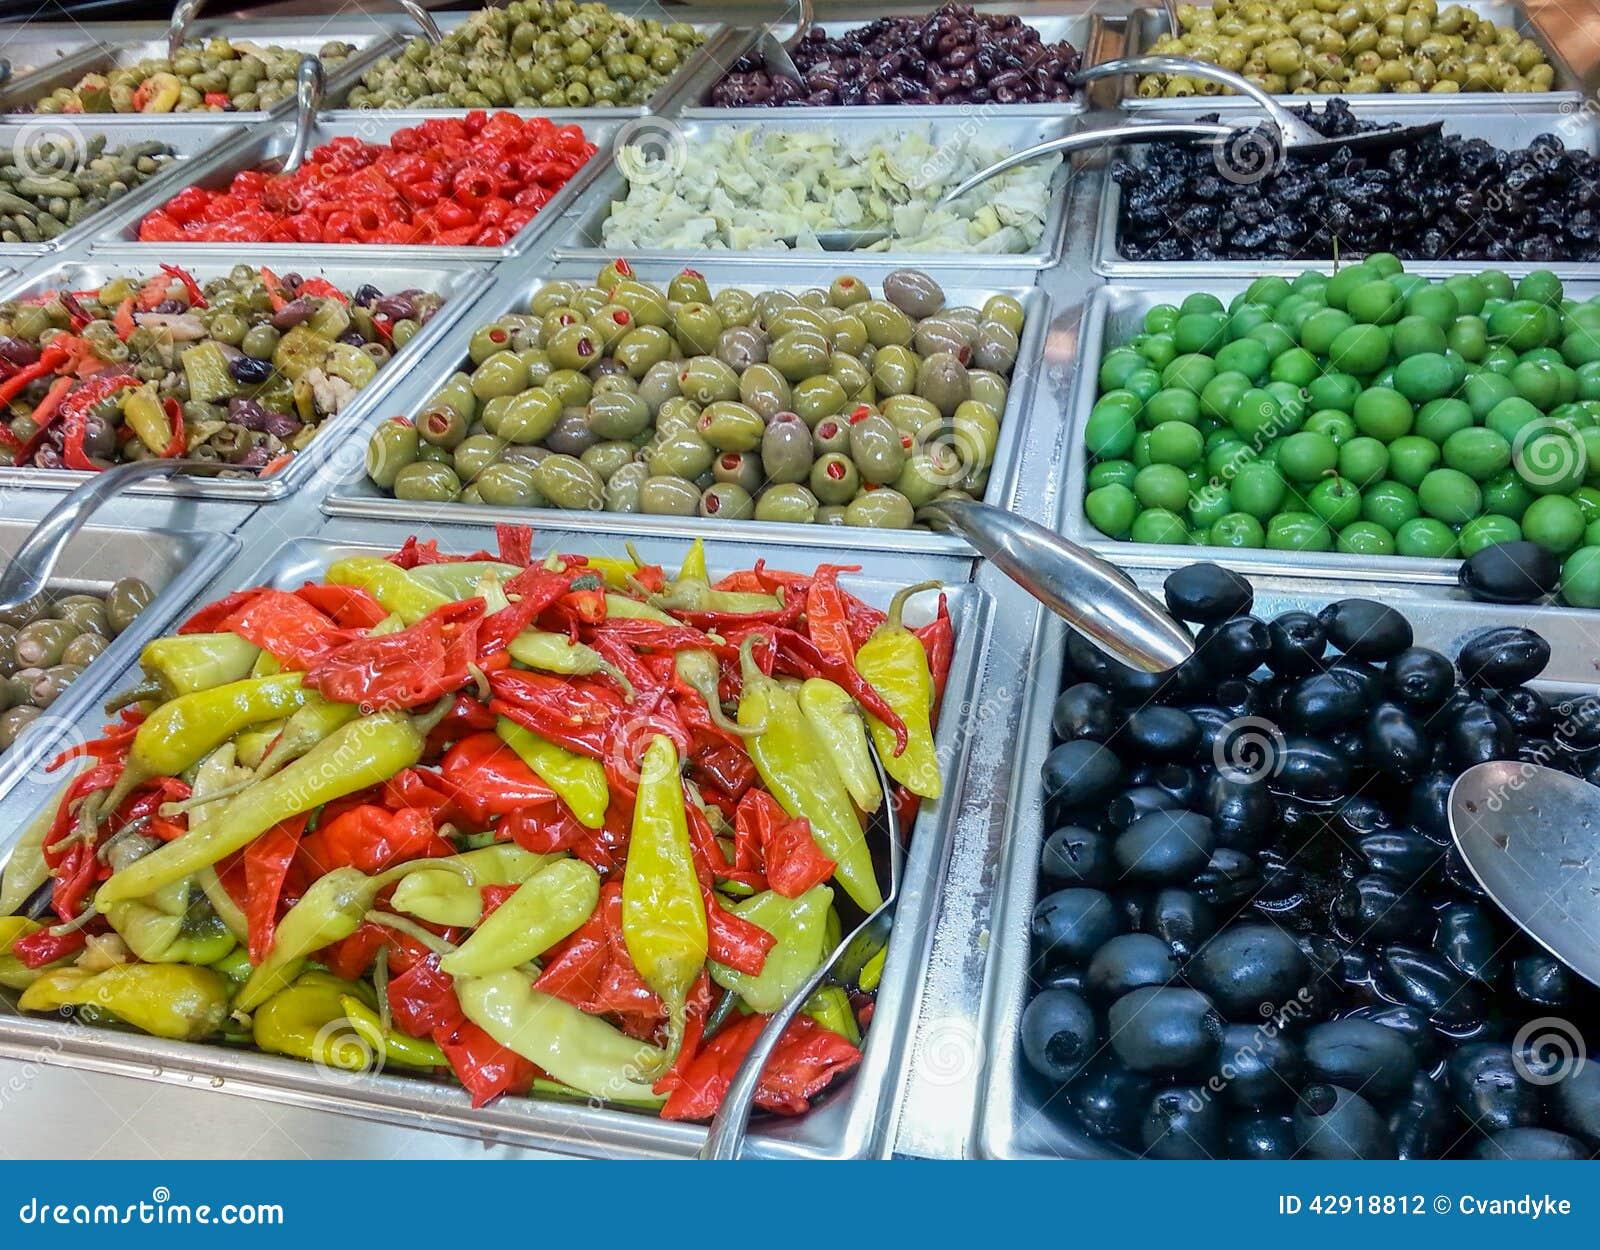 Φραγμός ελιών και πιπεριών